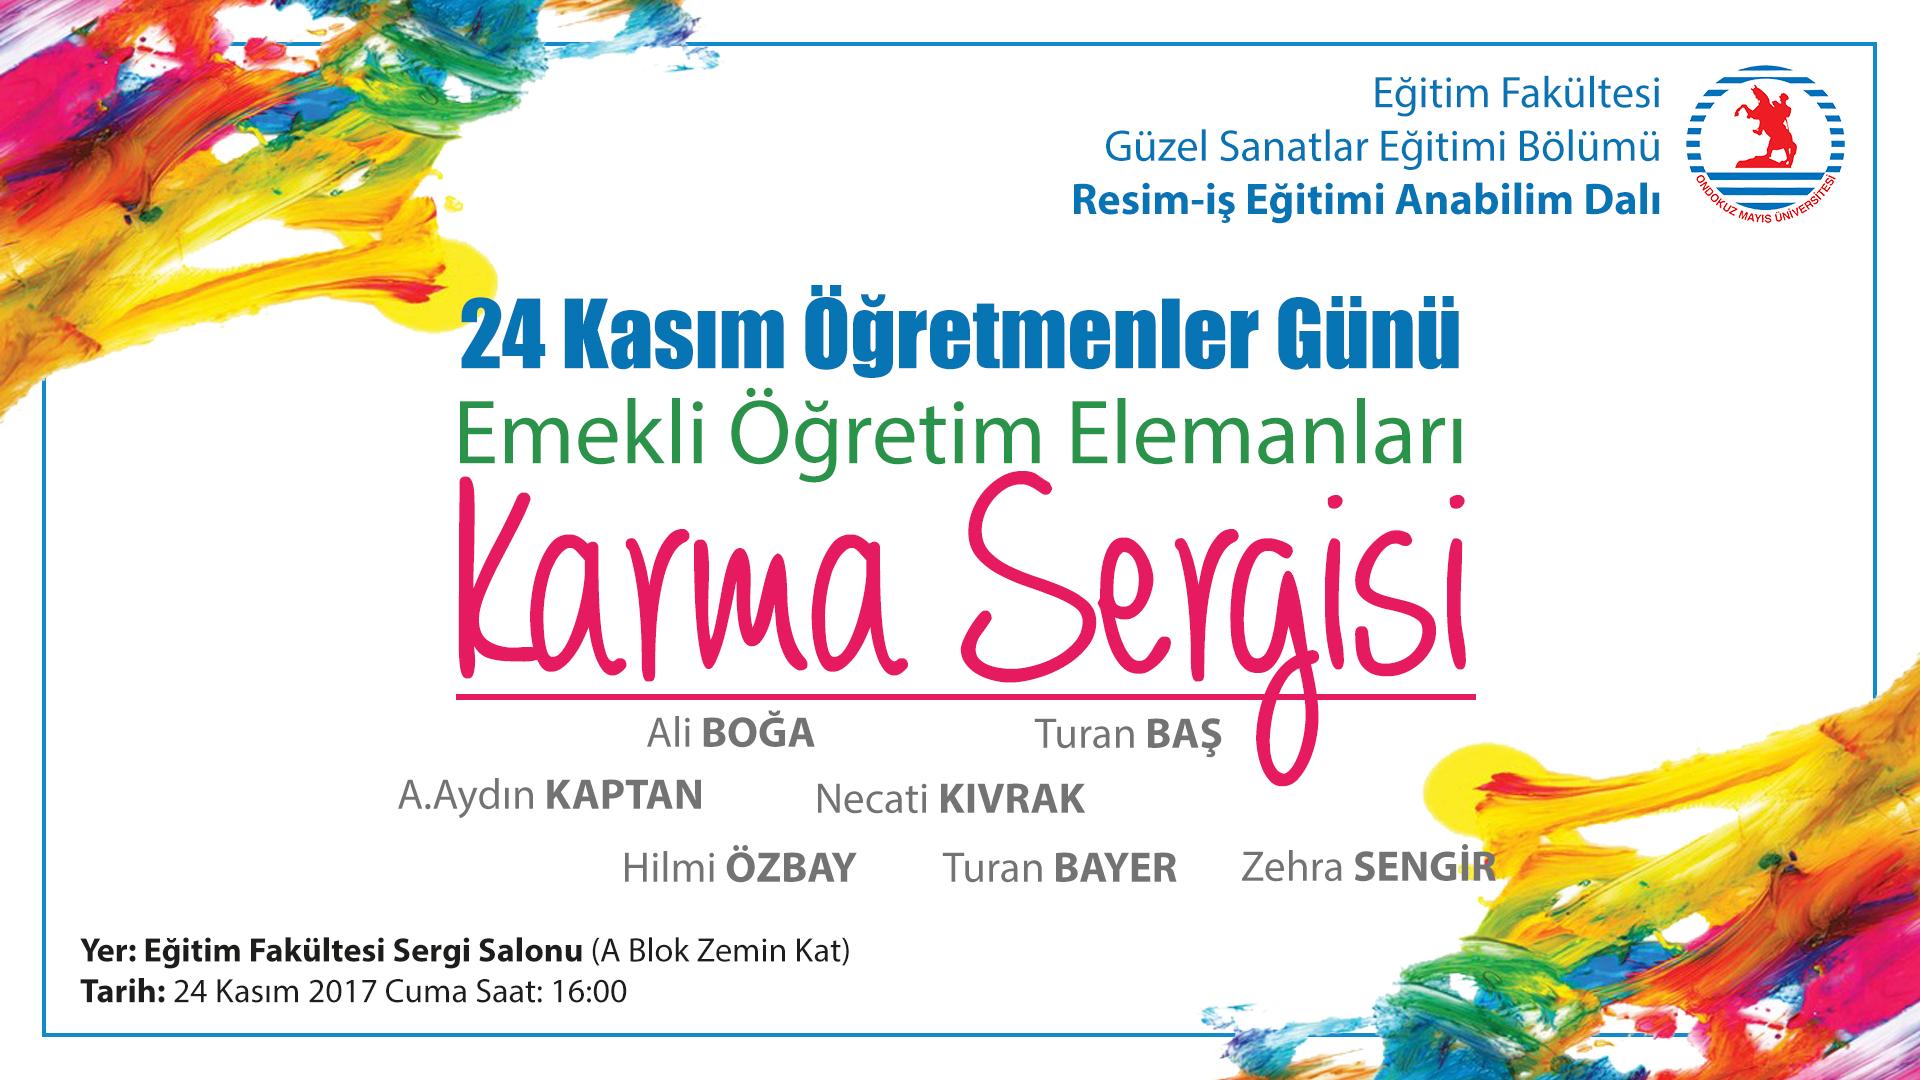 http://www.omu.edu.tr/sites/default/files/files/24_kasim039a_ozel_egitim_fakultesi_karma_sergisi_ve_konseri/resim_egitimi_24_kasim_sergi.jpg